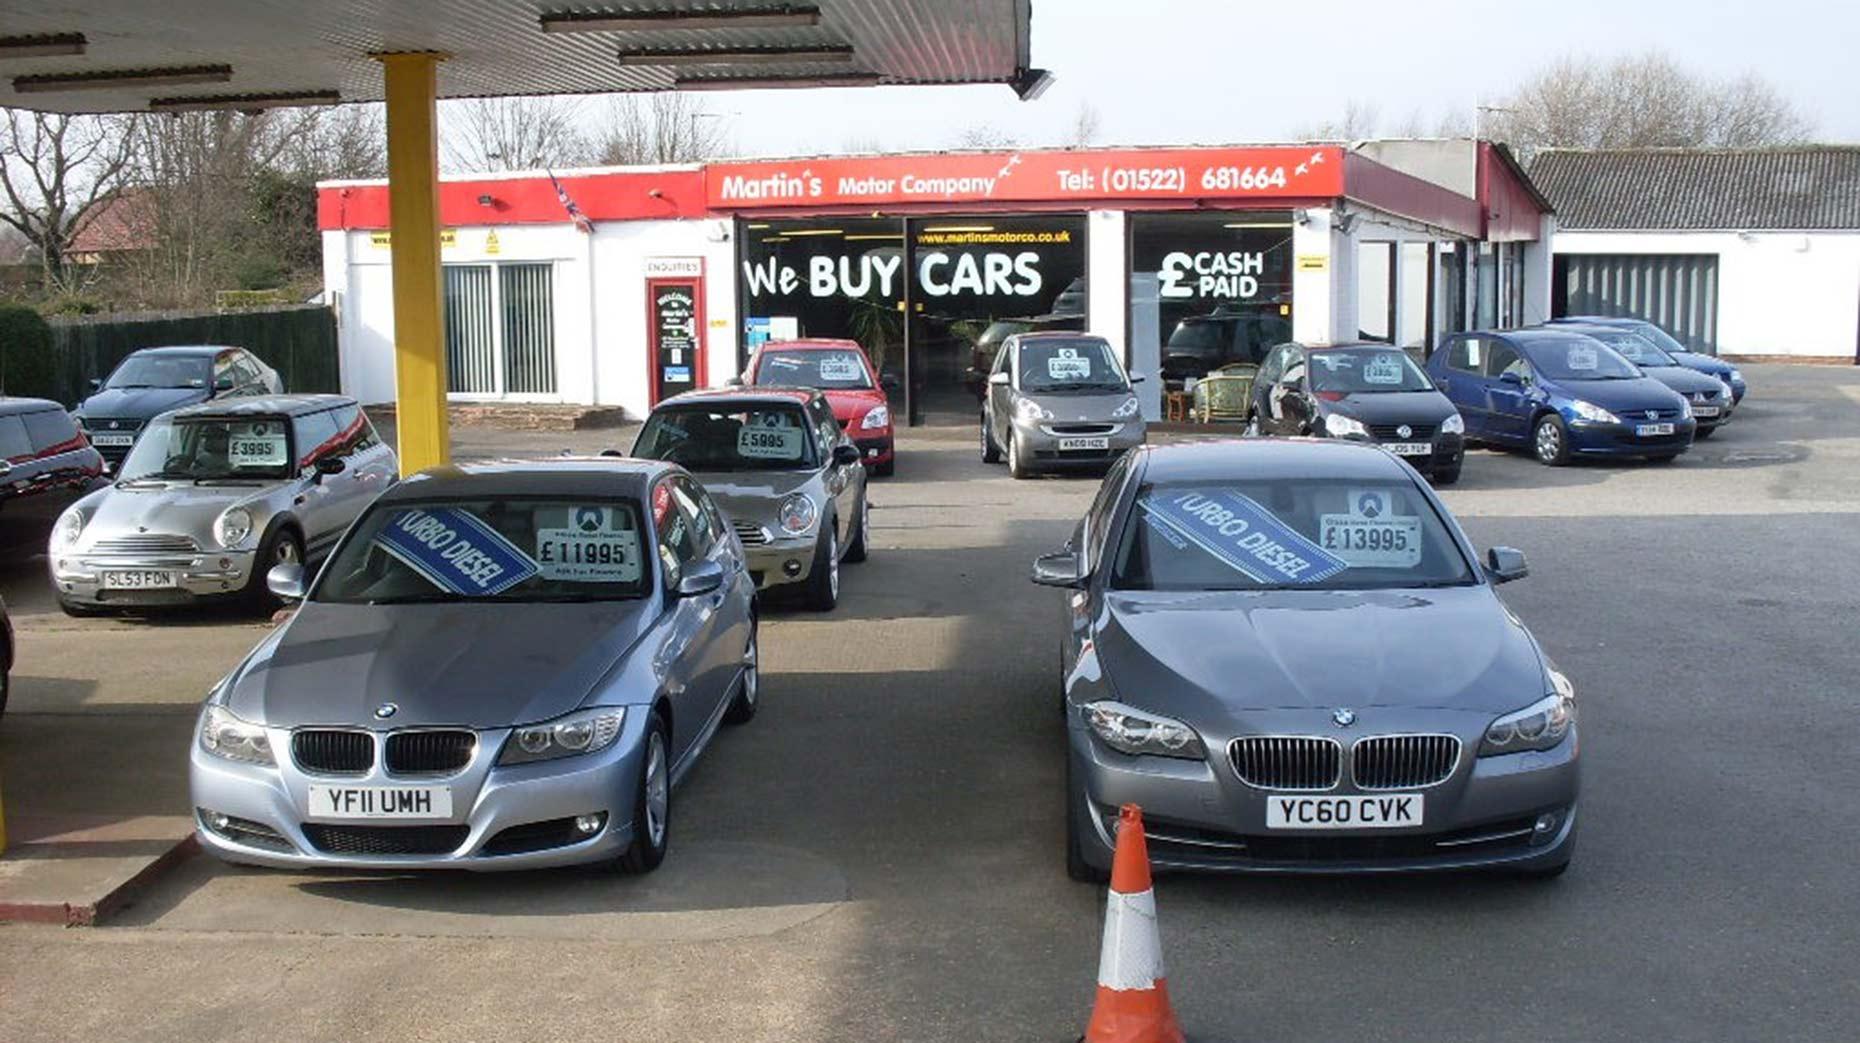 Co Op Used Car Dealership